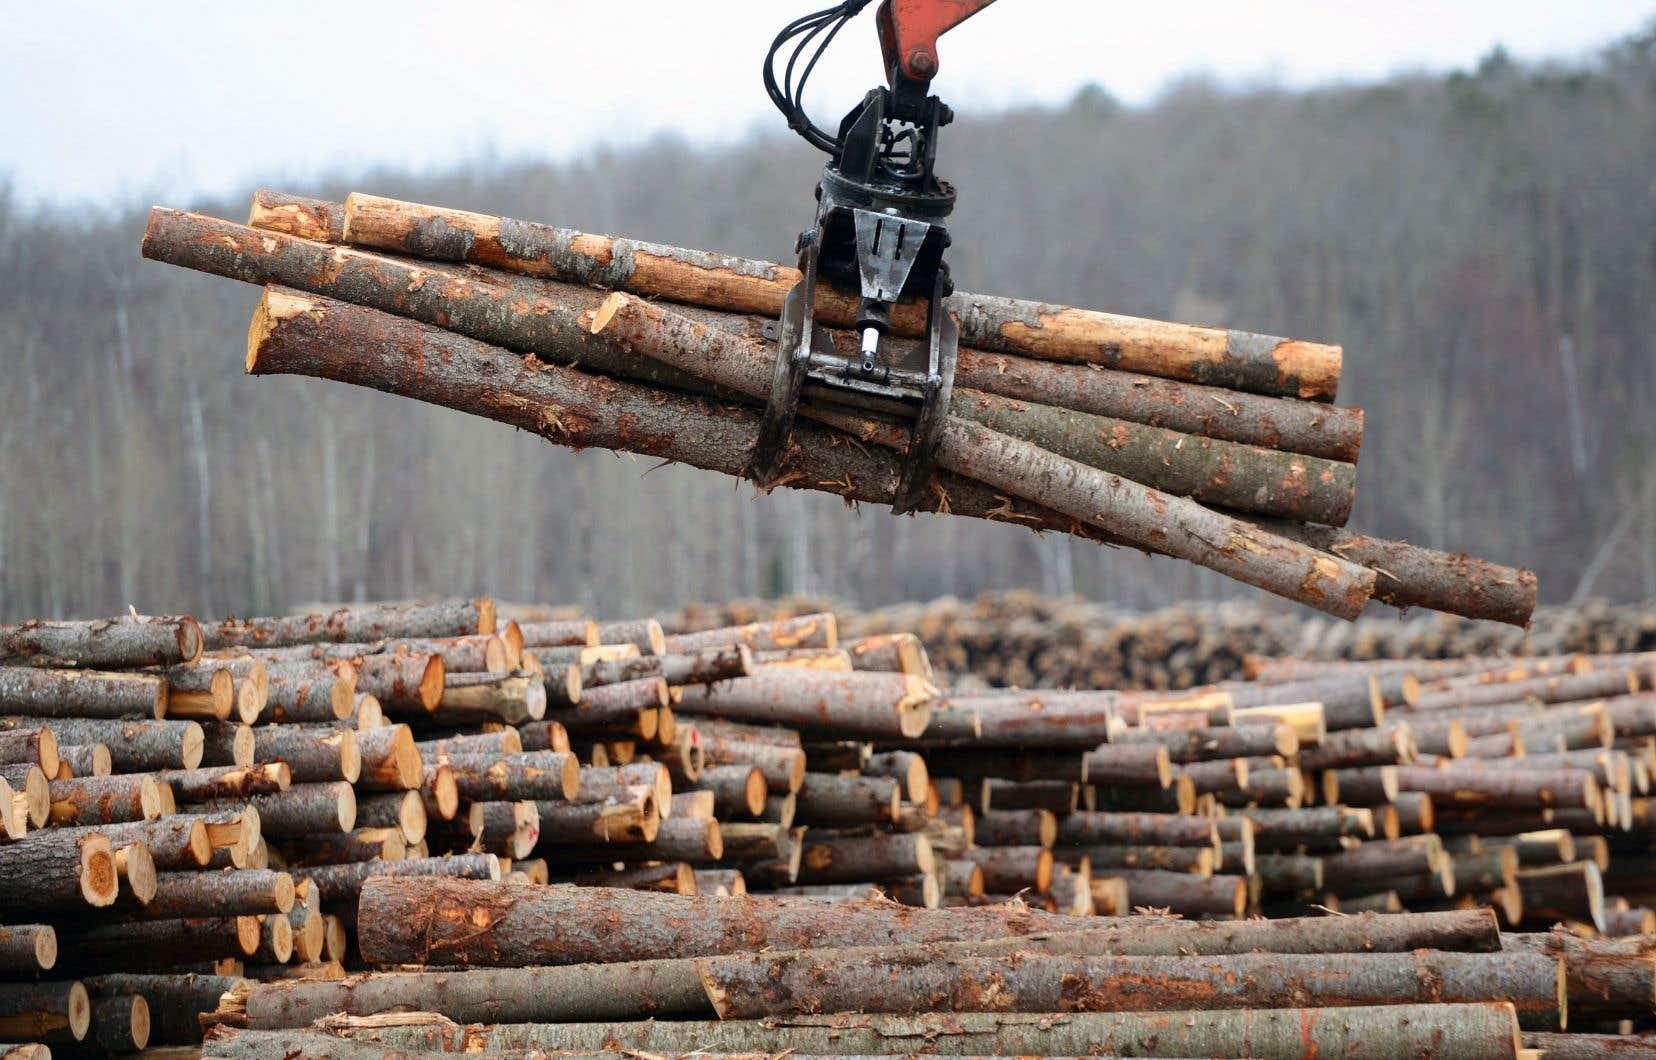 Jusqu'à présent, les producteurs canadiens de bois d'œuvre ont déjà versé environ 500millions en droits compensateurs et en droits antidumping.